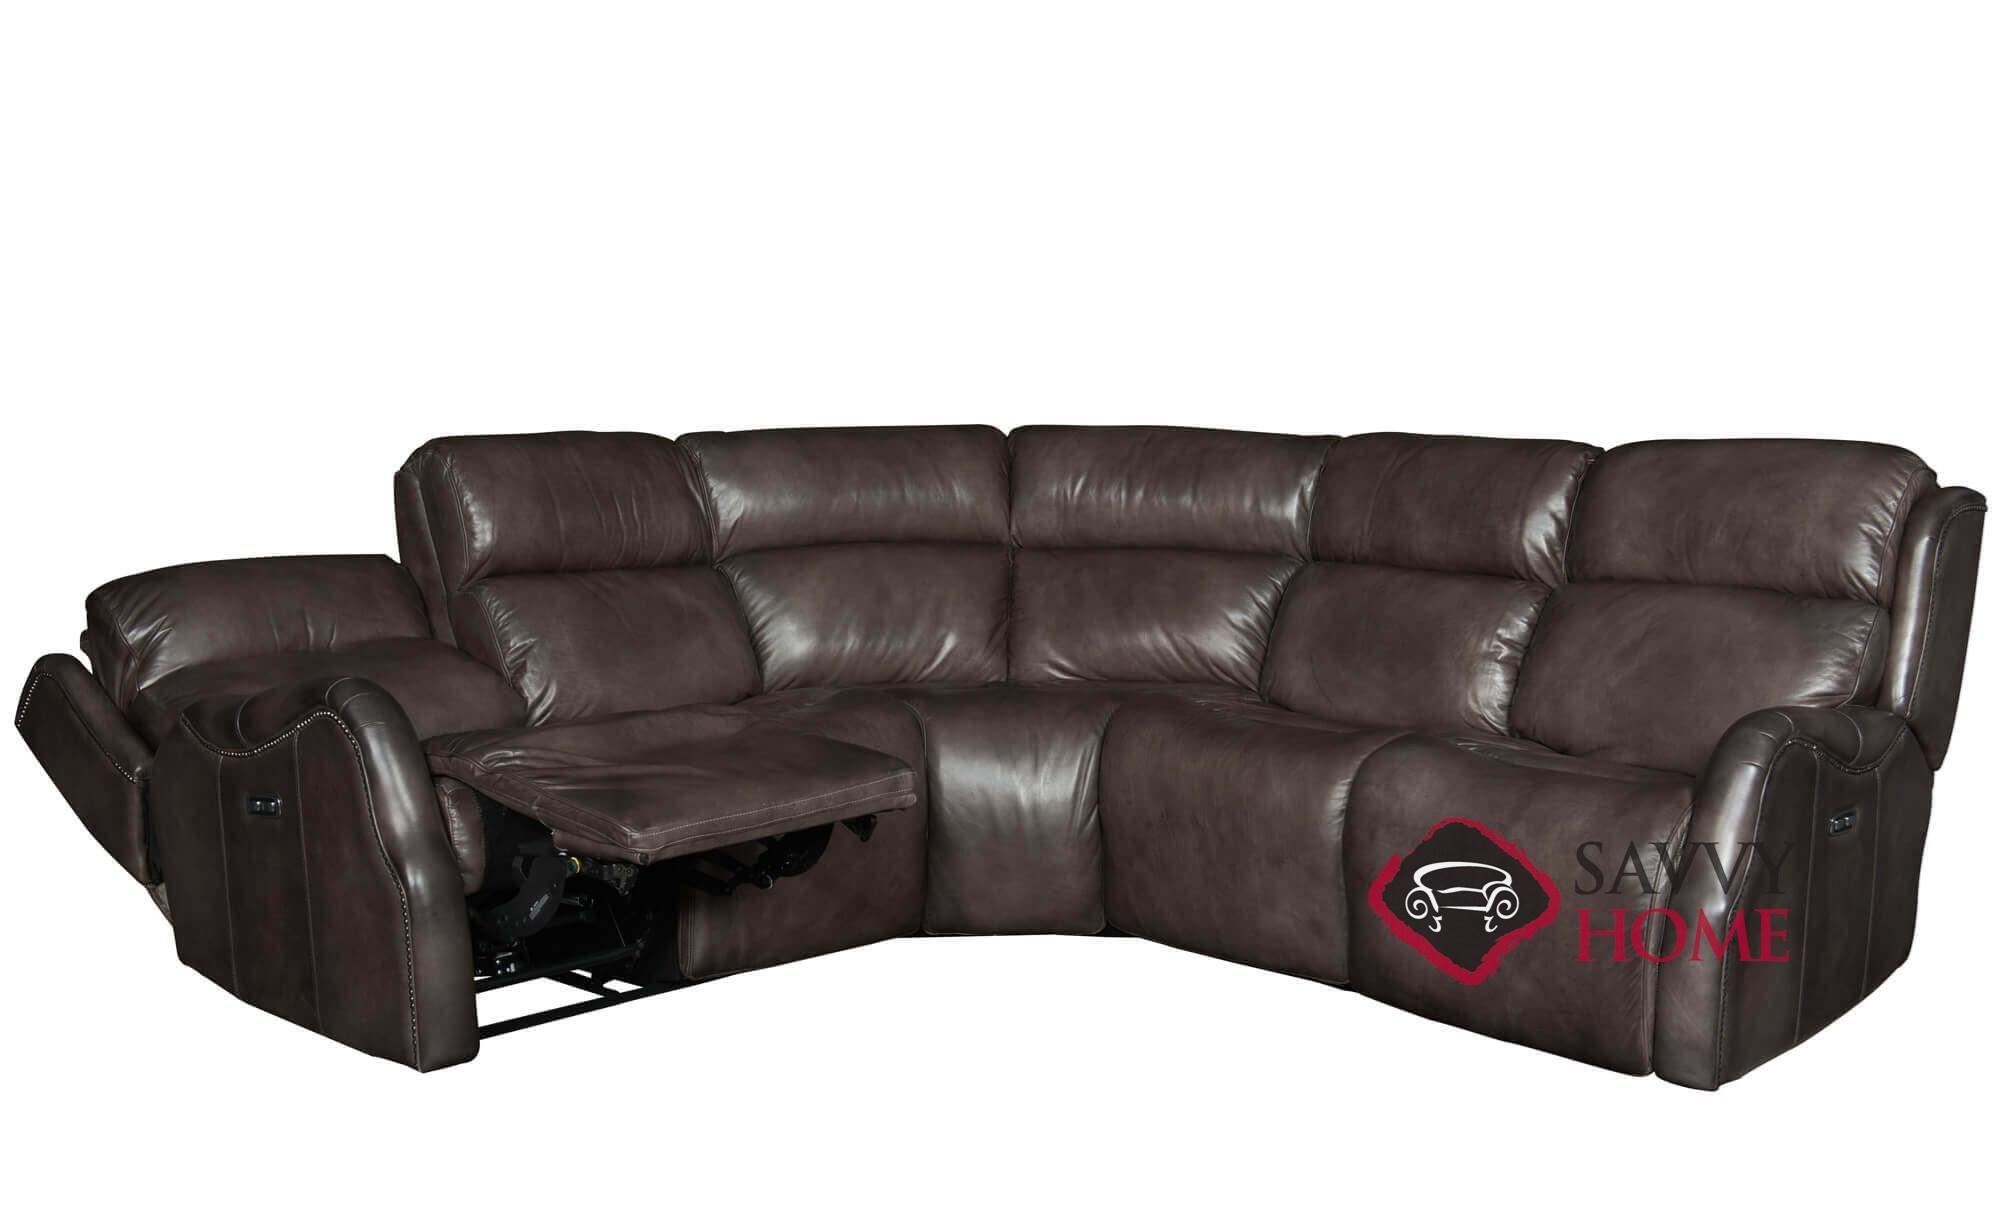 Quick ship derek by bernhardt leather true sectional in by for Bernhardt leather sectional sofa prices